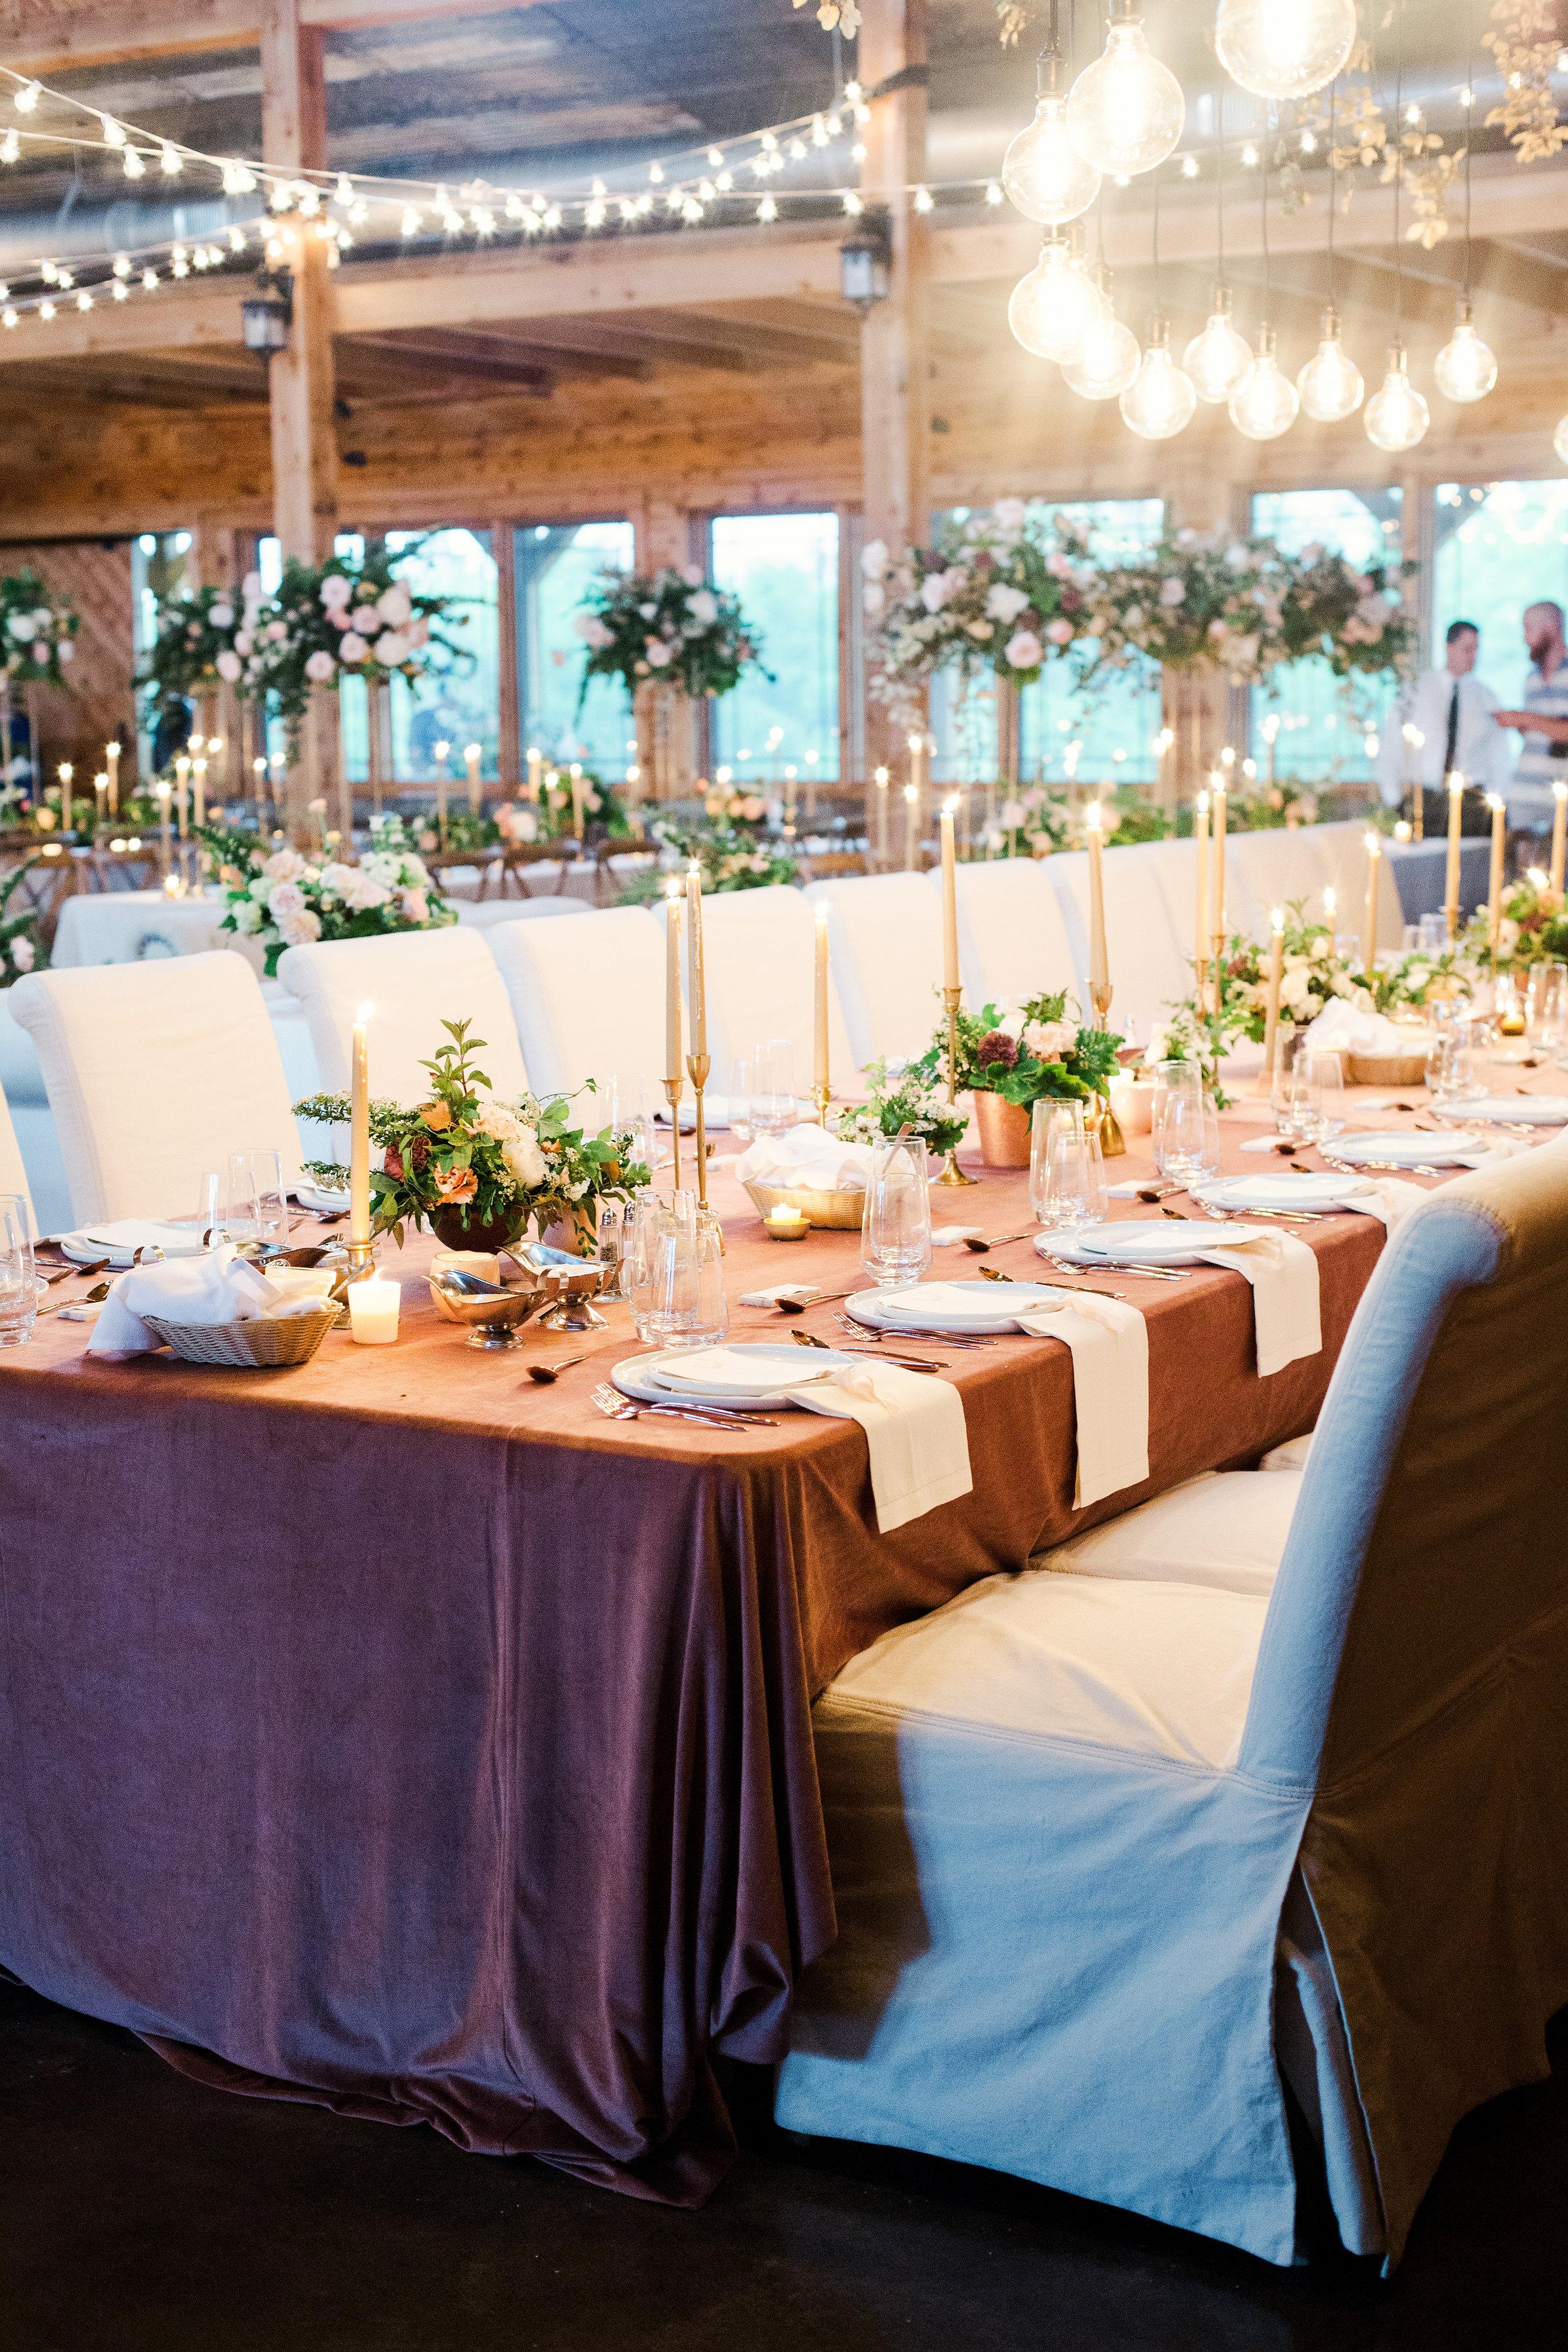 jessica-zimmerman-events-arkansas-wedding-martha-stewart-feature-reception.jpg